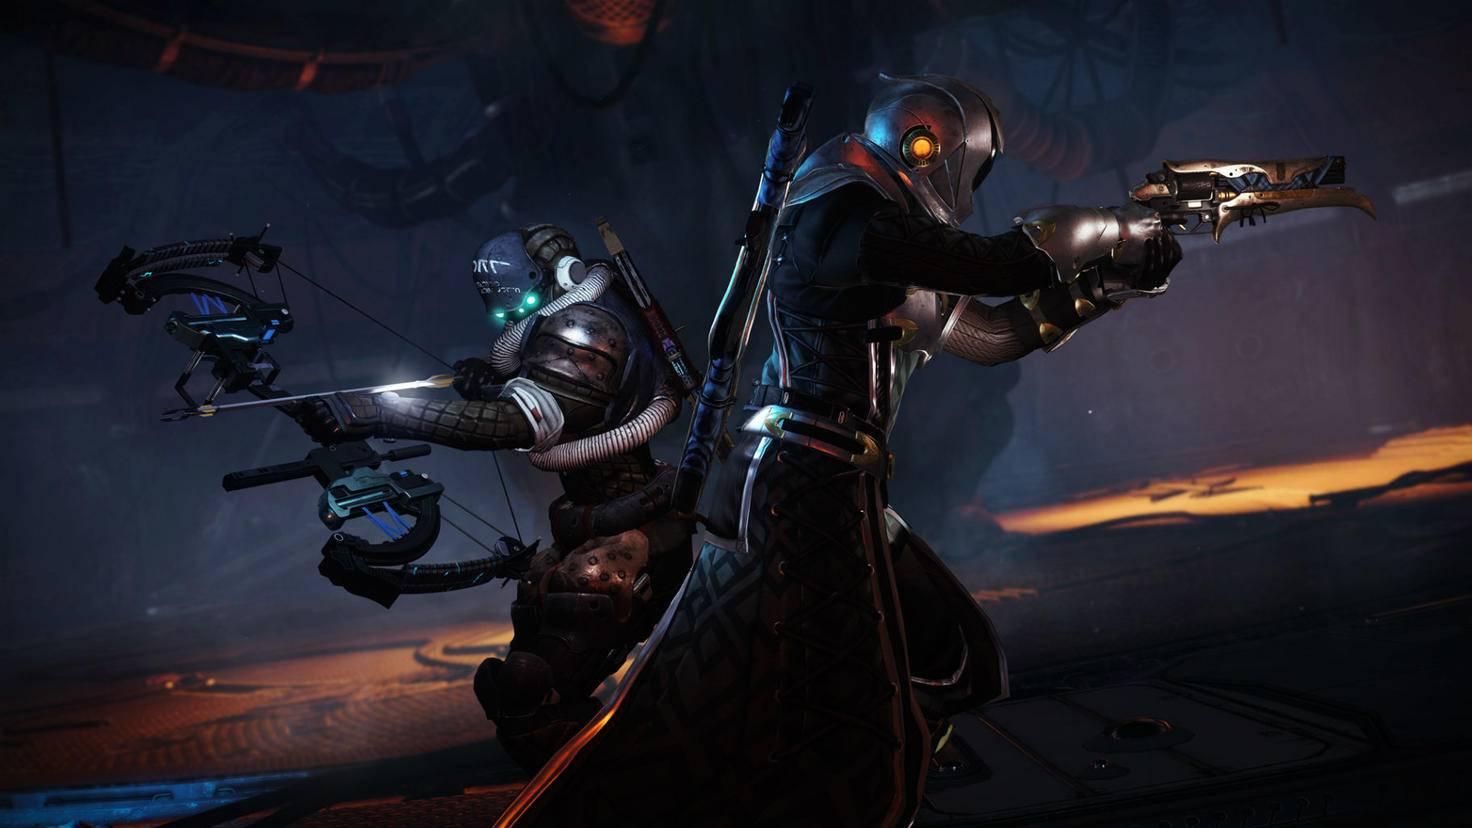 destiny-2-forsaken-screenshot-03